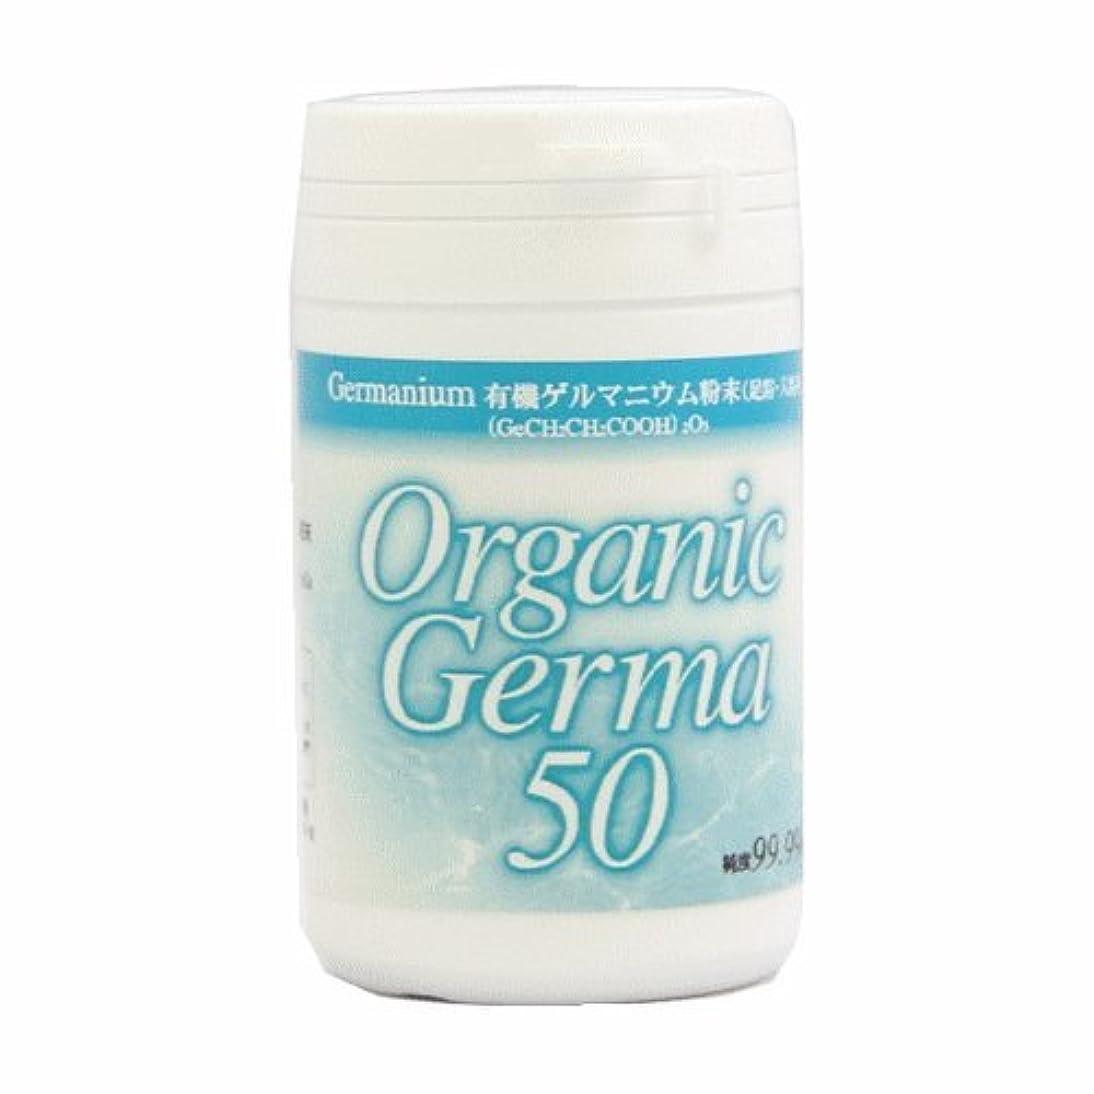 会計破壊的なシエスタ【有機 ゲルマニウム 粉末 50g (Ge-132) 99.99% 温浴用】 ゲルマ パウダー